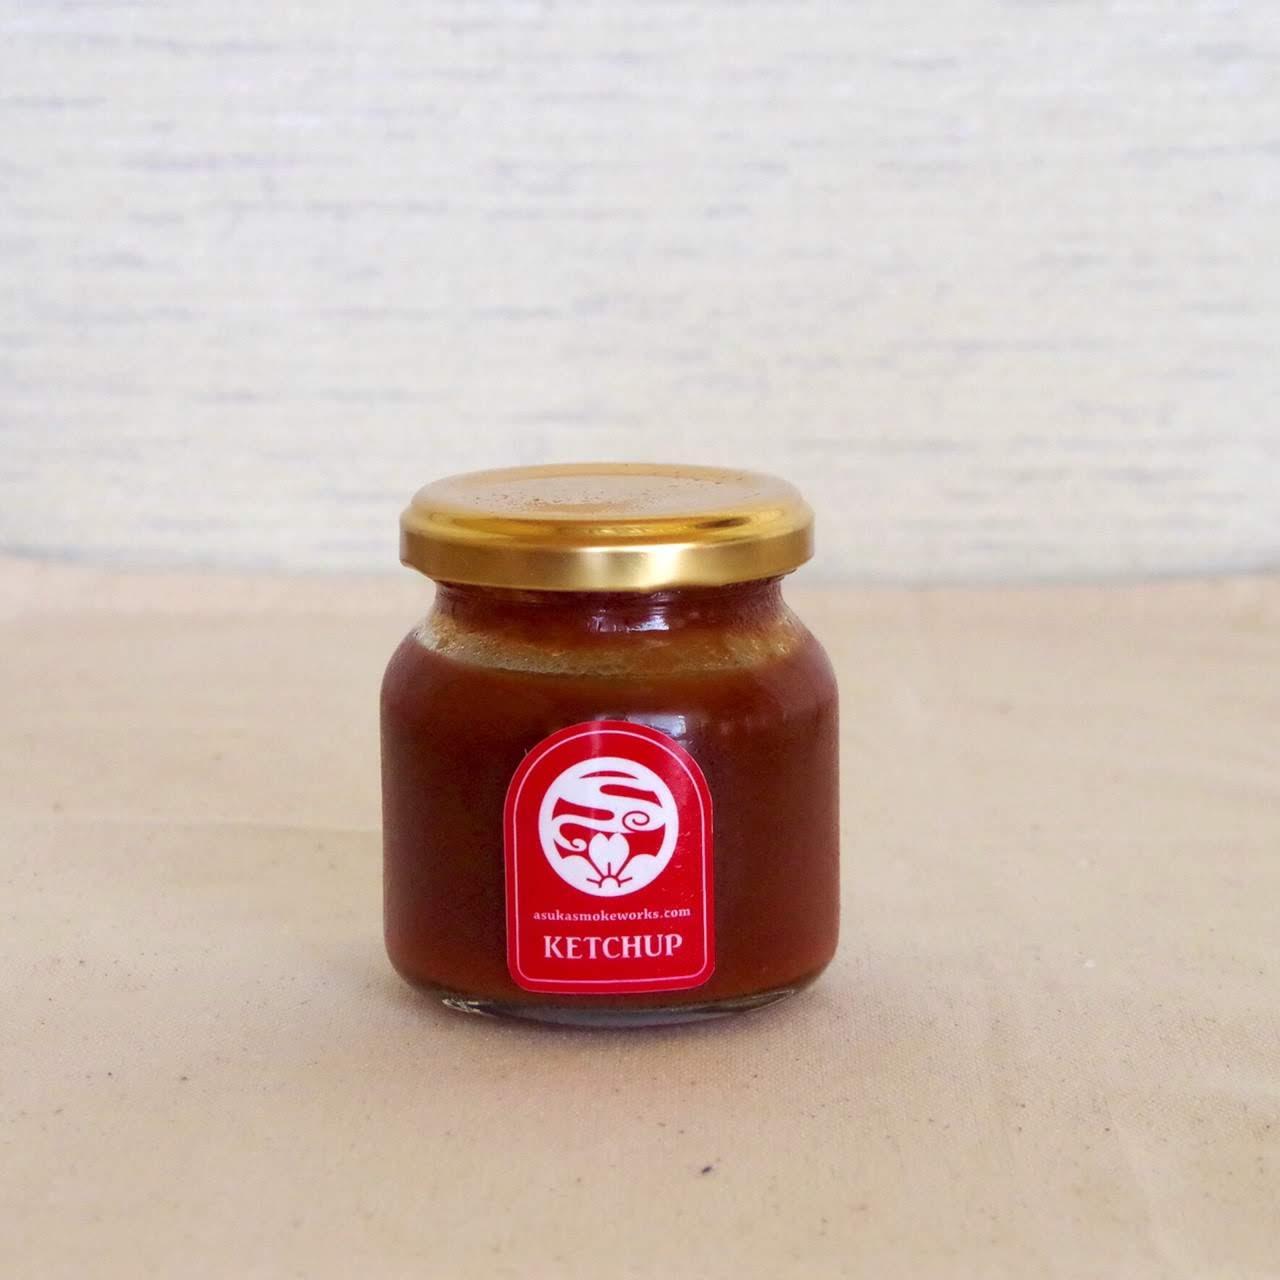 トマト&ベジタブル(ケチャップ)120g | あすか燻製工房[さくらバーガー](奈良/明日香)画像